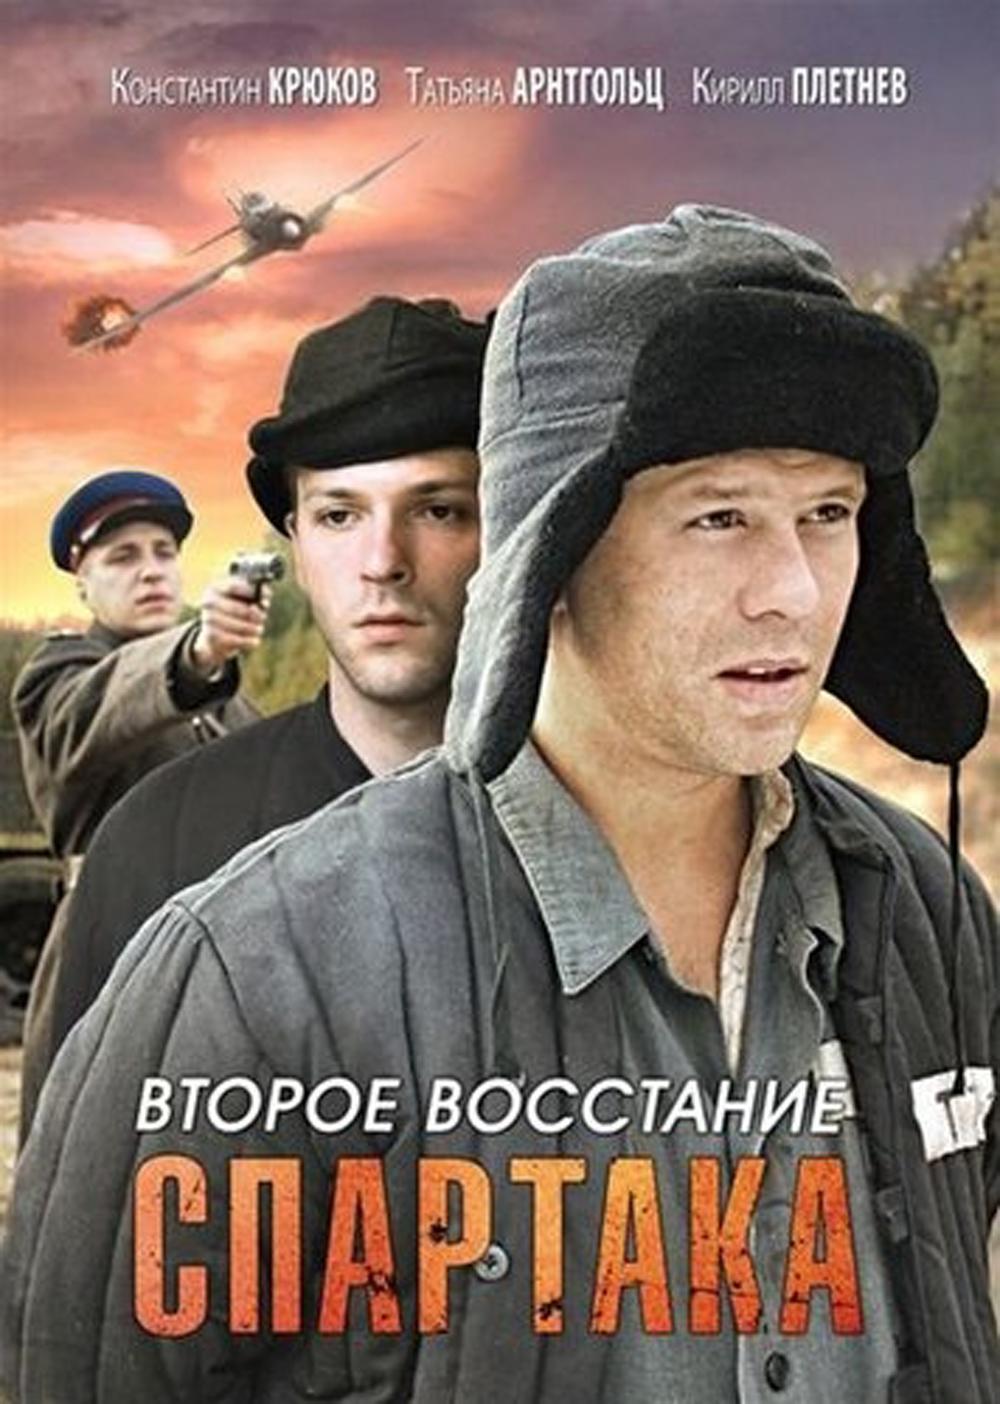 Сех онлайн русский 11 фотография